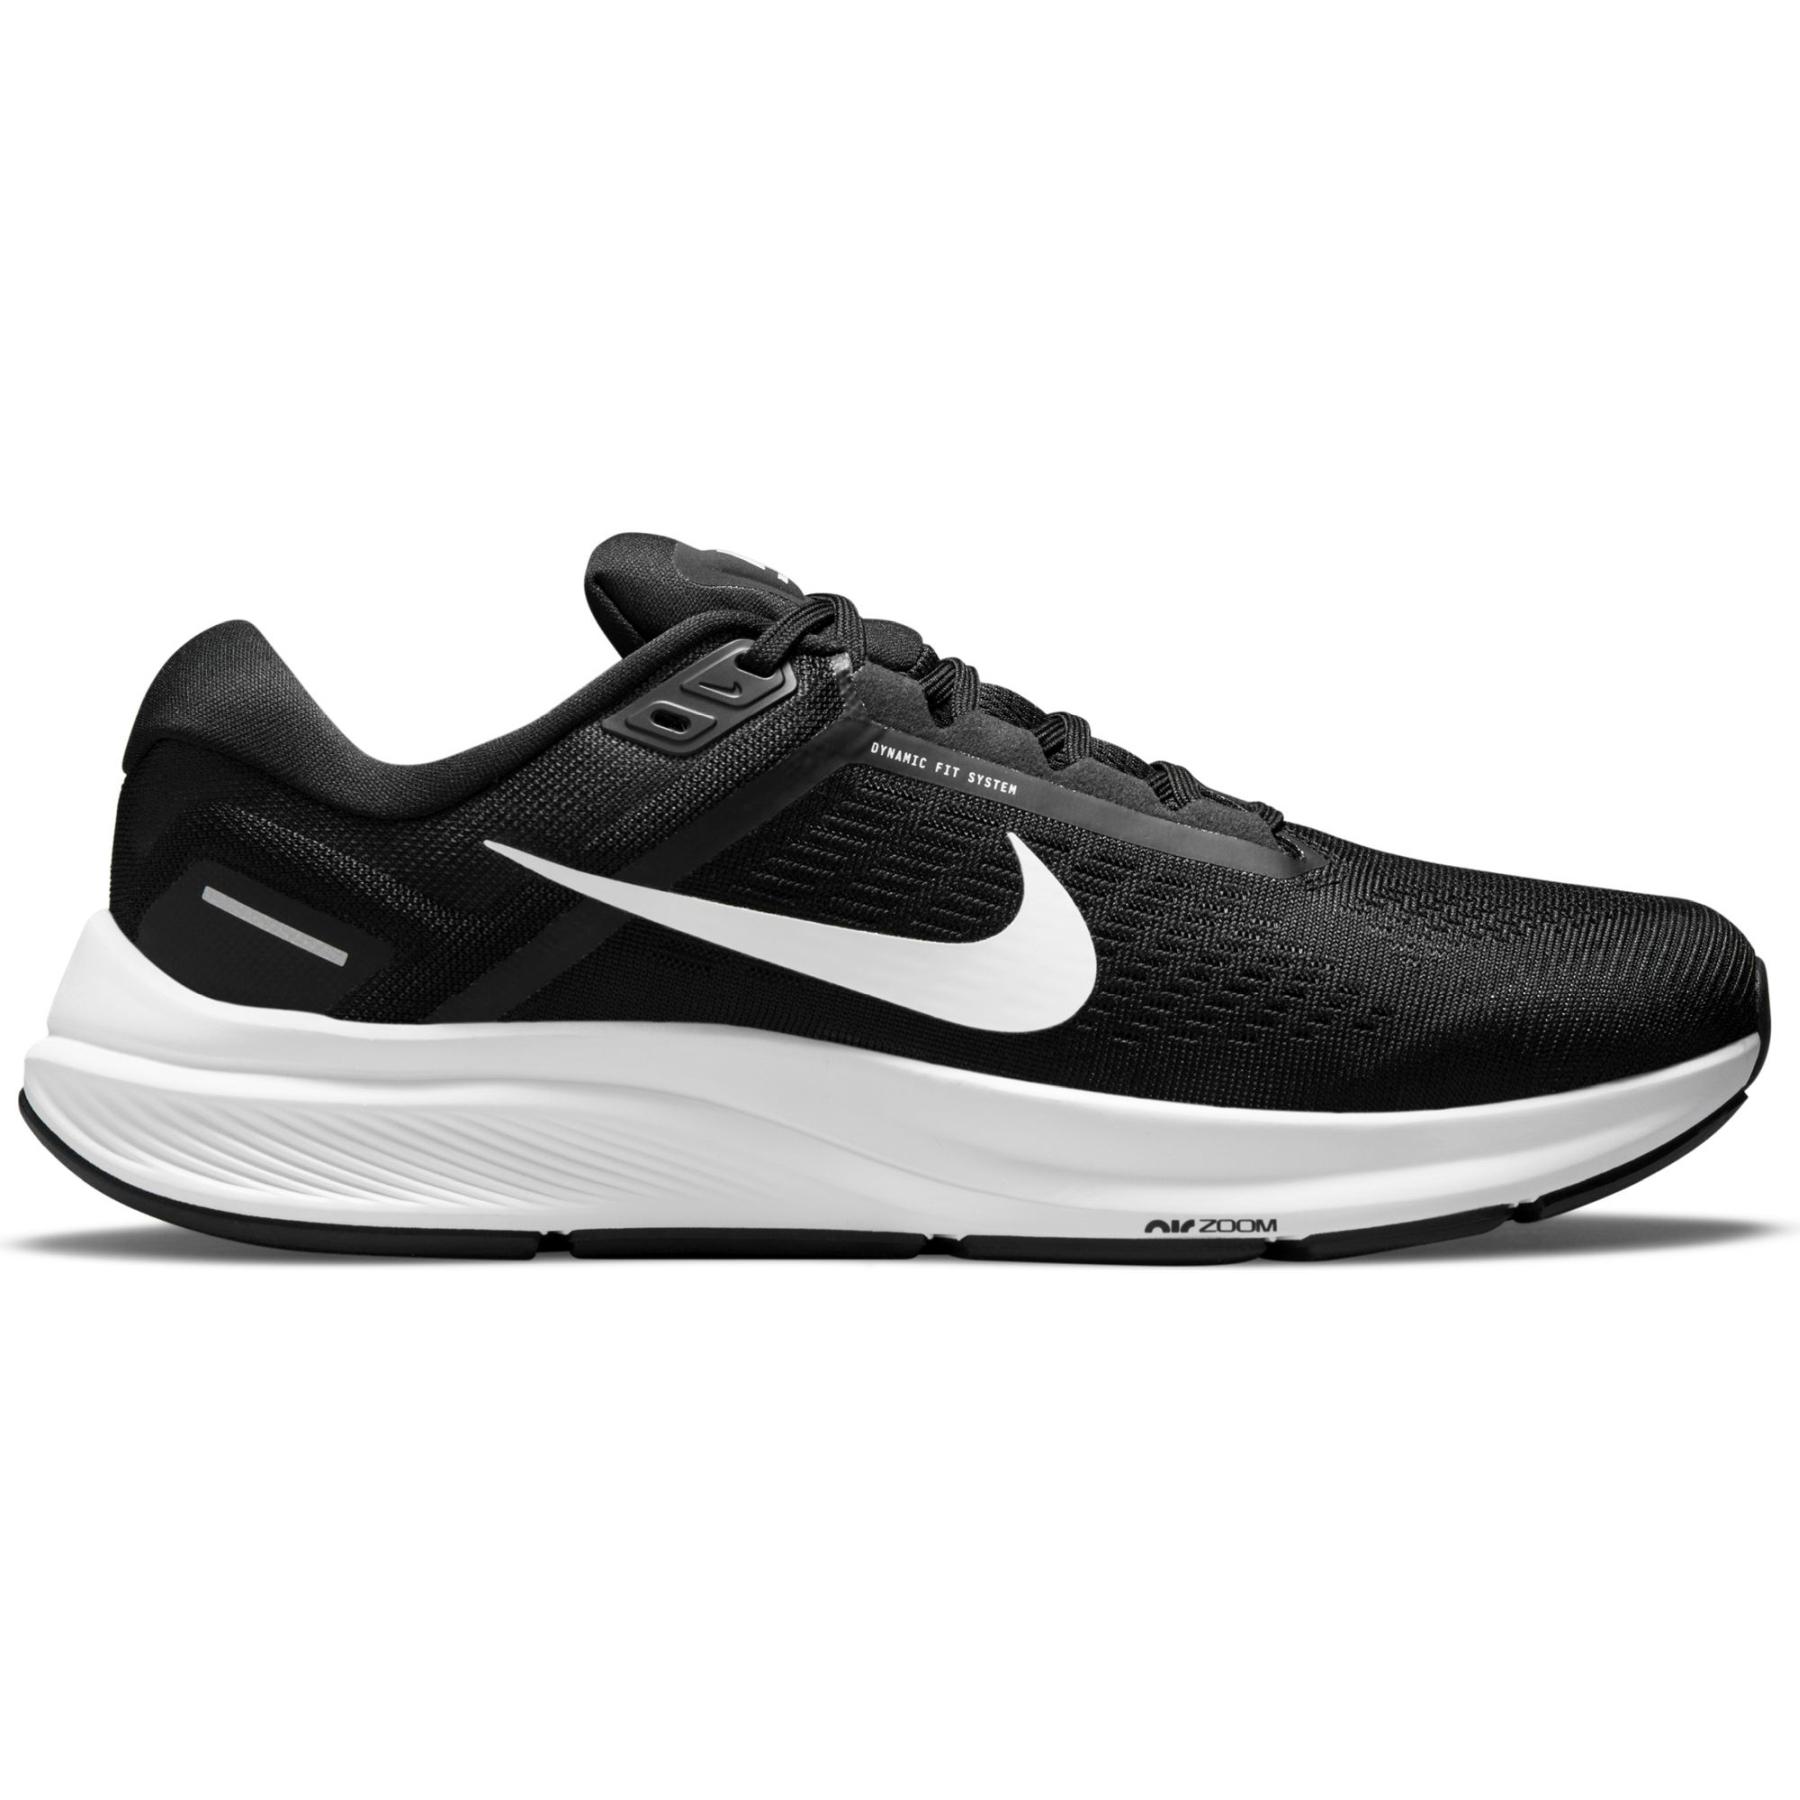 Nike Air Zoom Structure 24 Zapatillas de Correr para Hombre - black/white DA8535-001